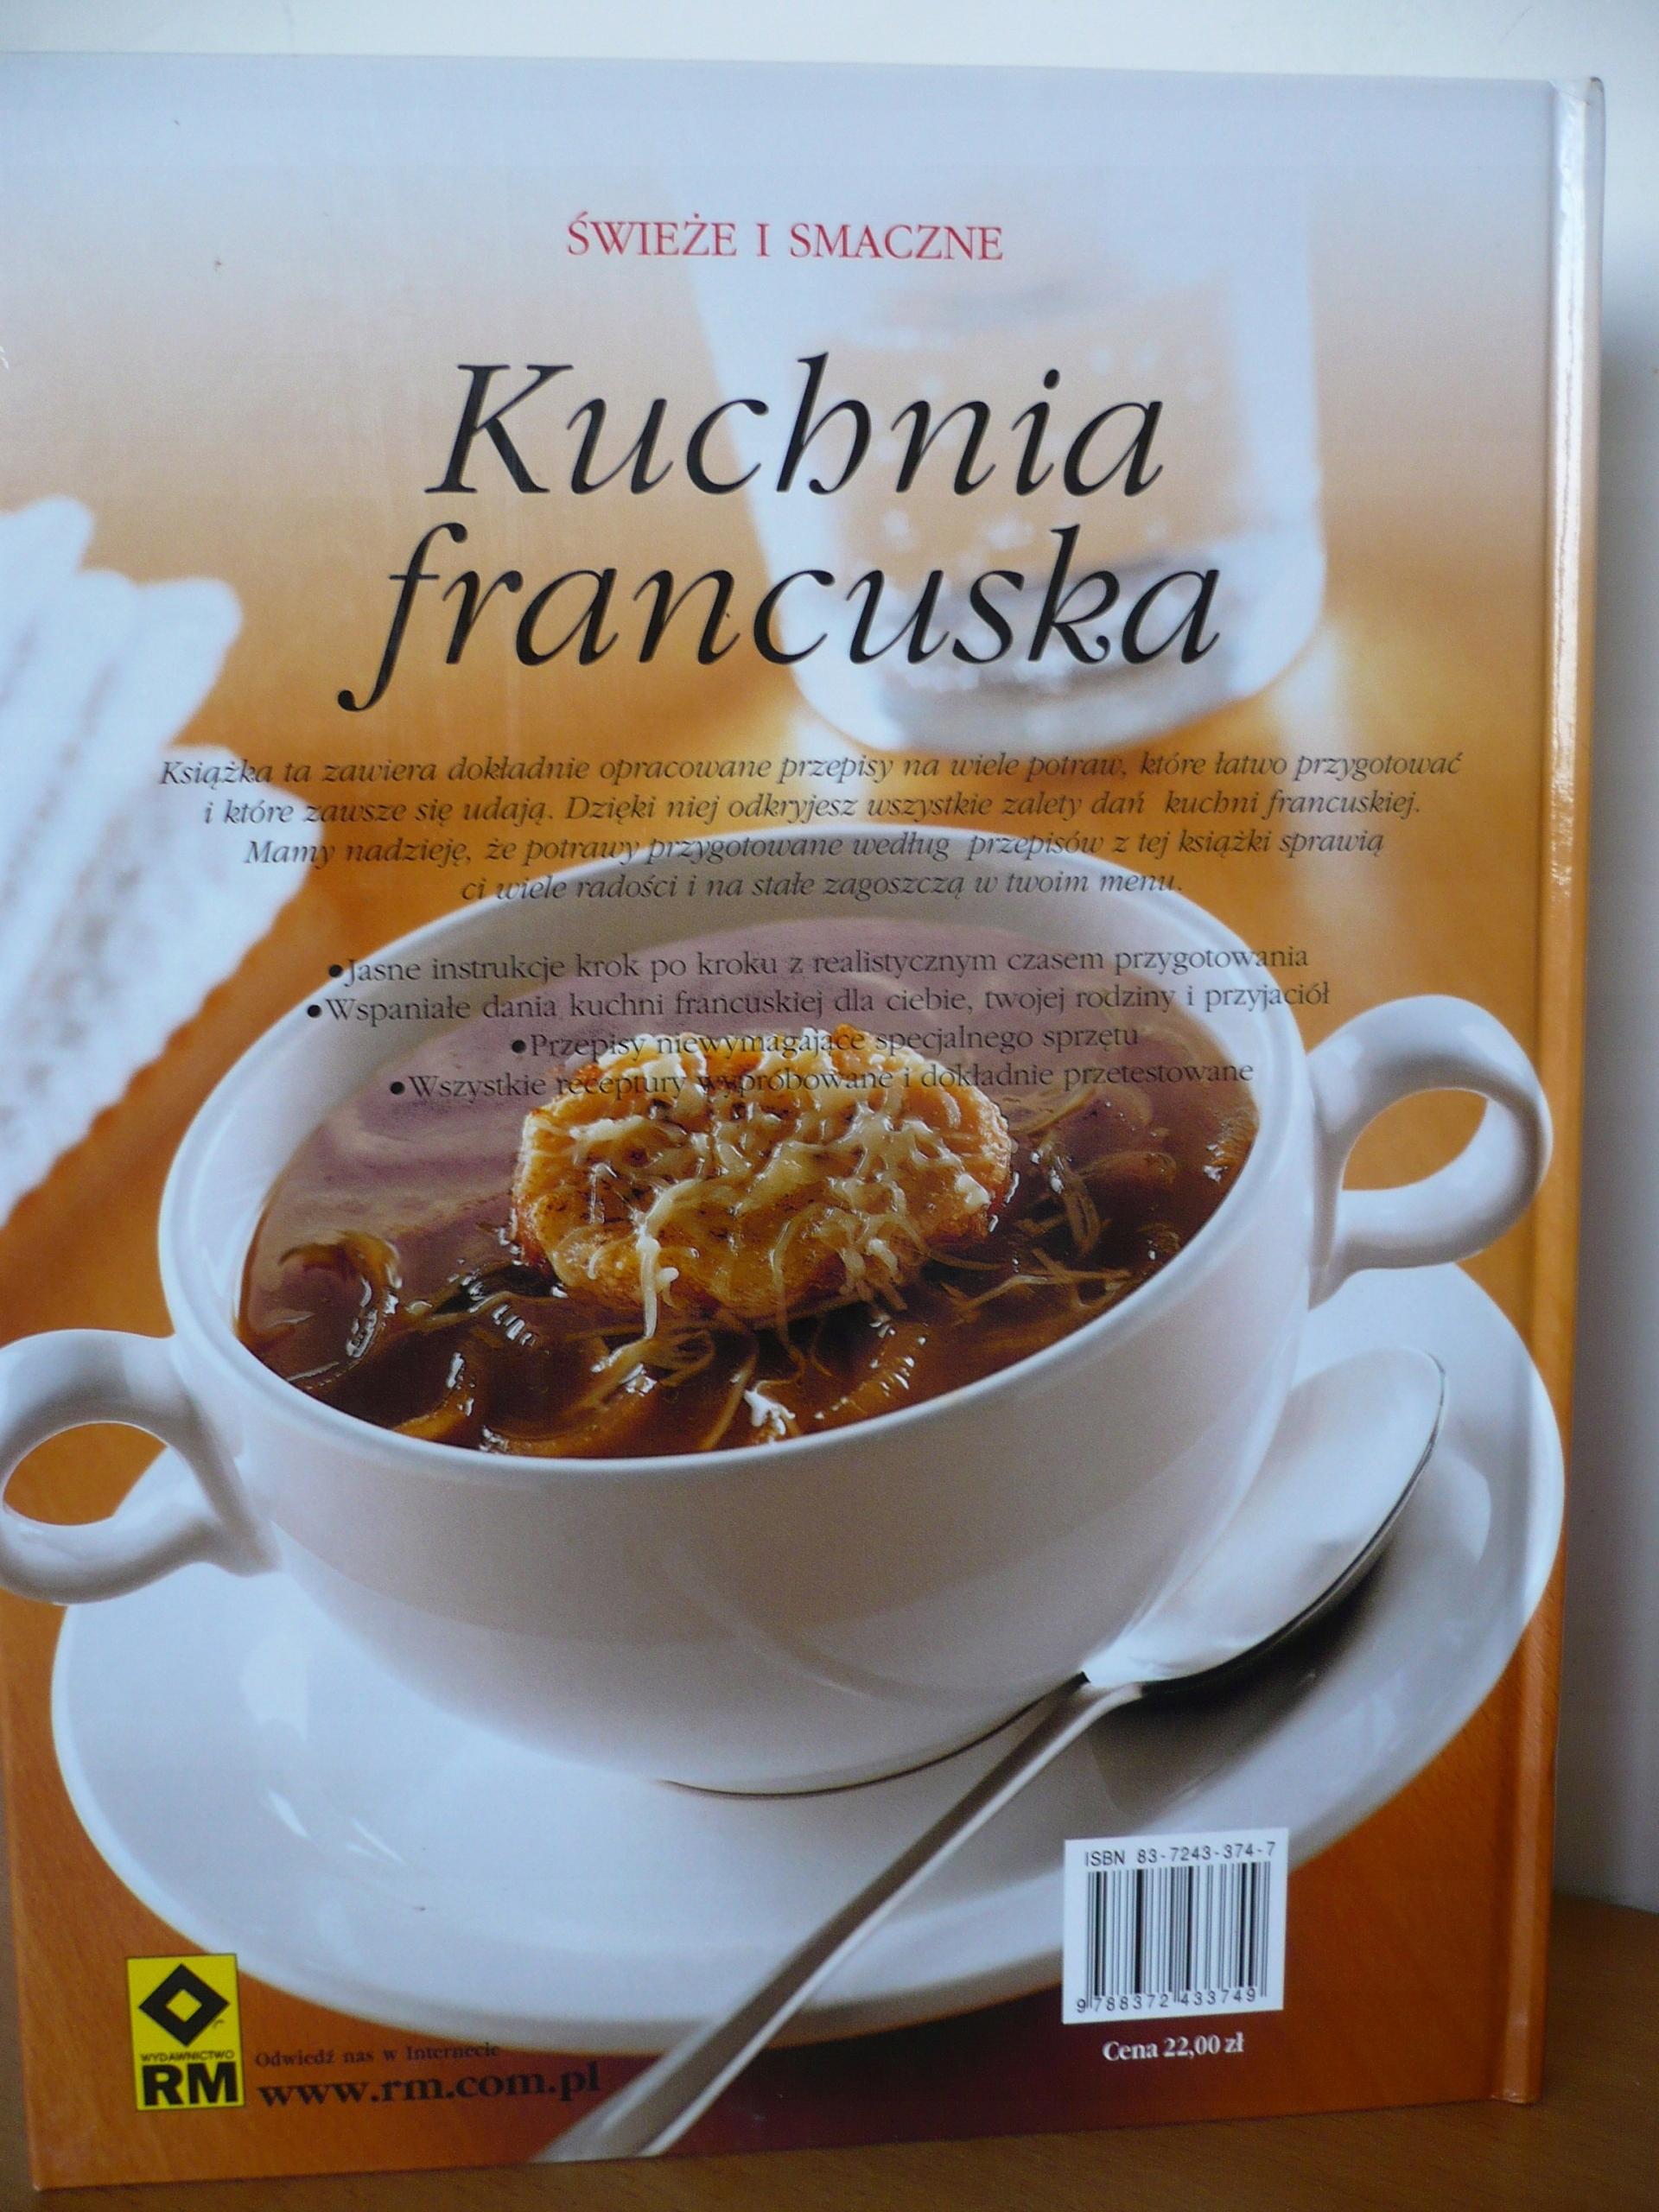 Kuchnia Francuska świeże I Smaczne Nowa 7561458799